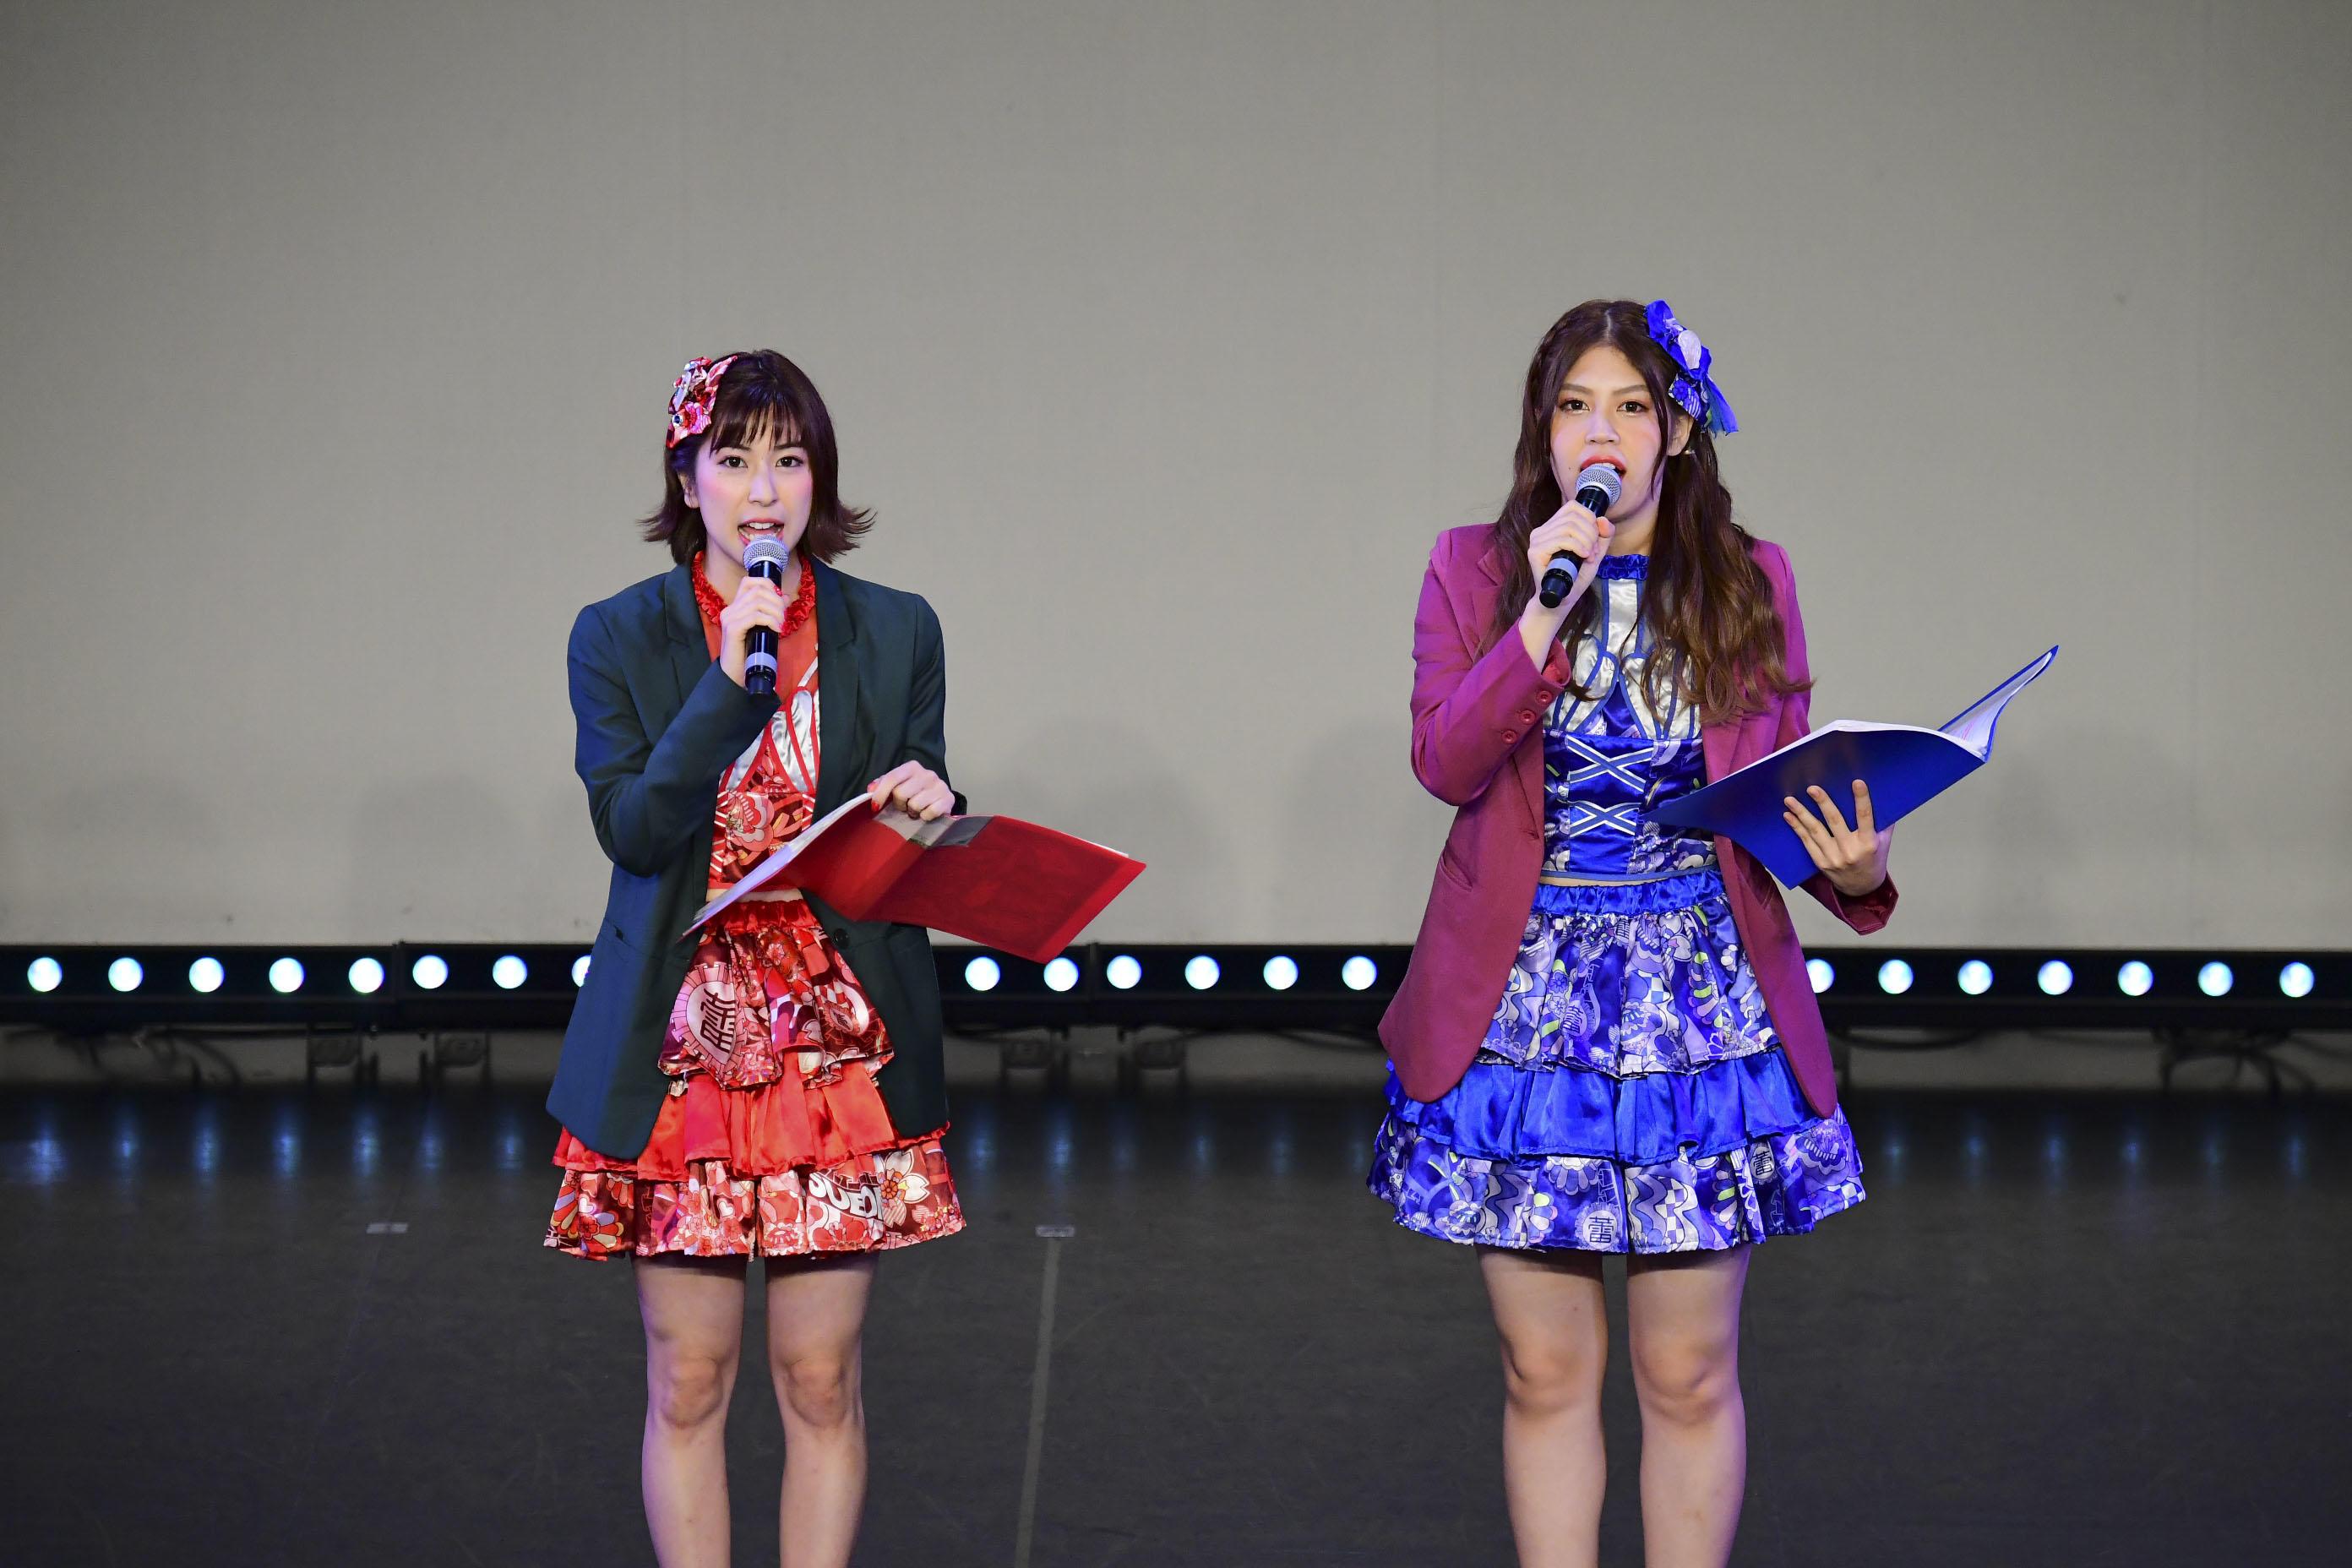 http://news.yoshimoto.co.jp/20170911120523-efd36c4691a166a4fbef7080f4c7b38f70f425fa.jpg